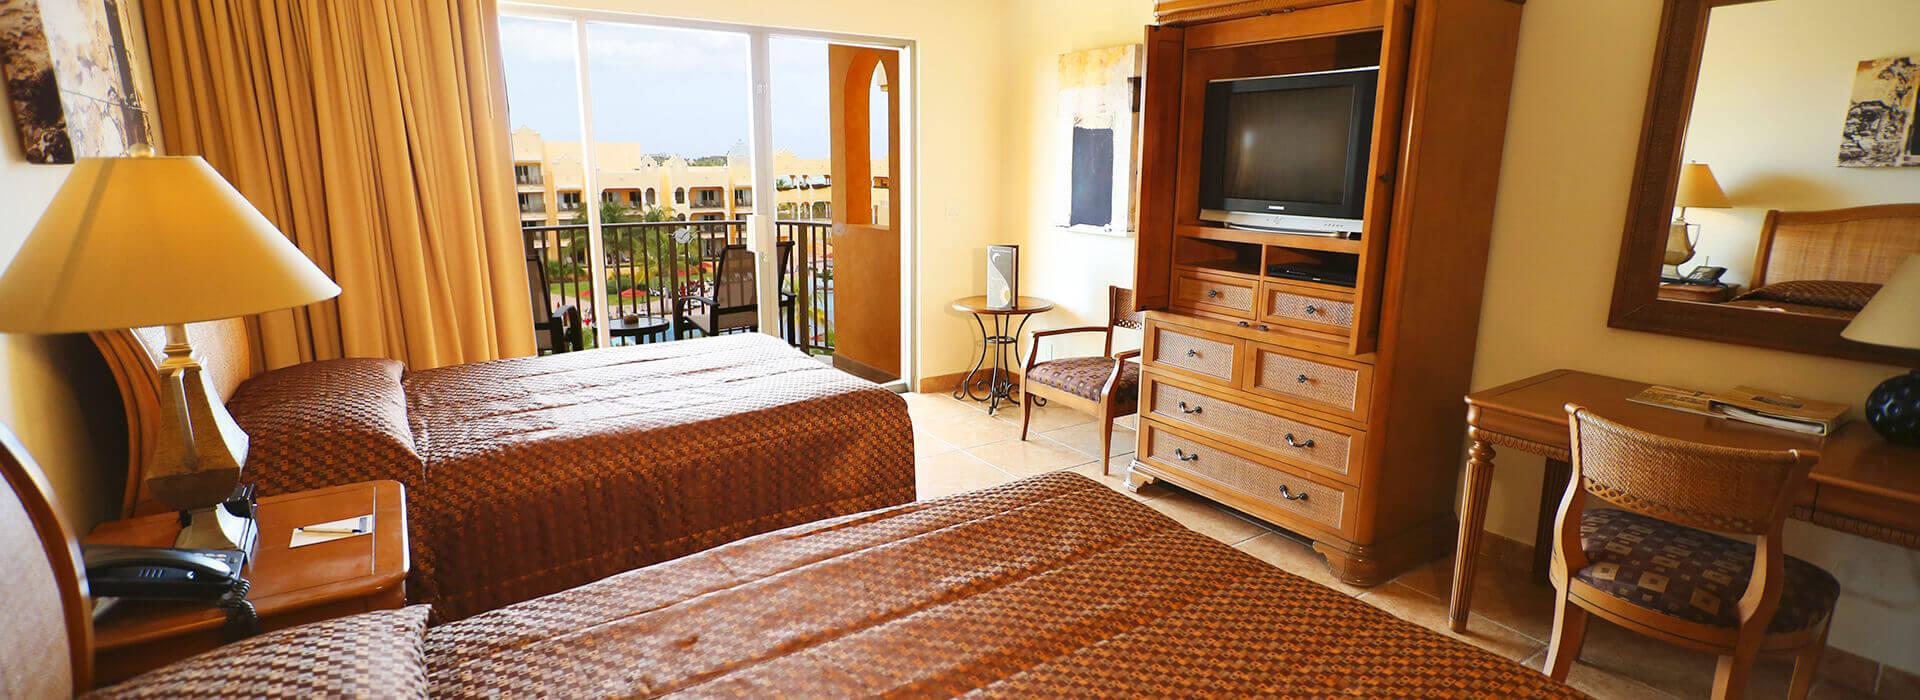 two double beds junior suite The Royal Haciendas